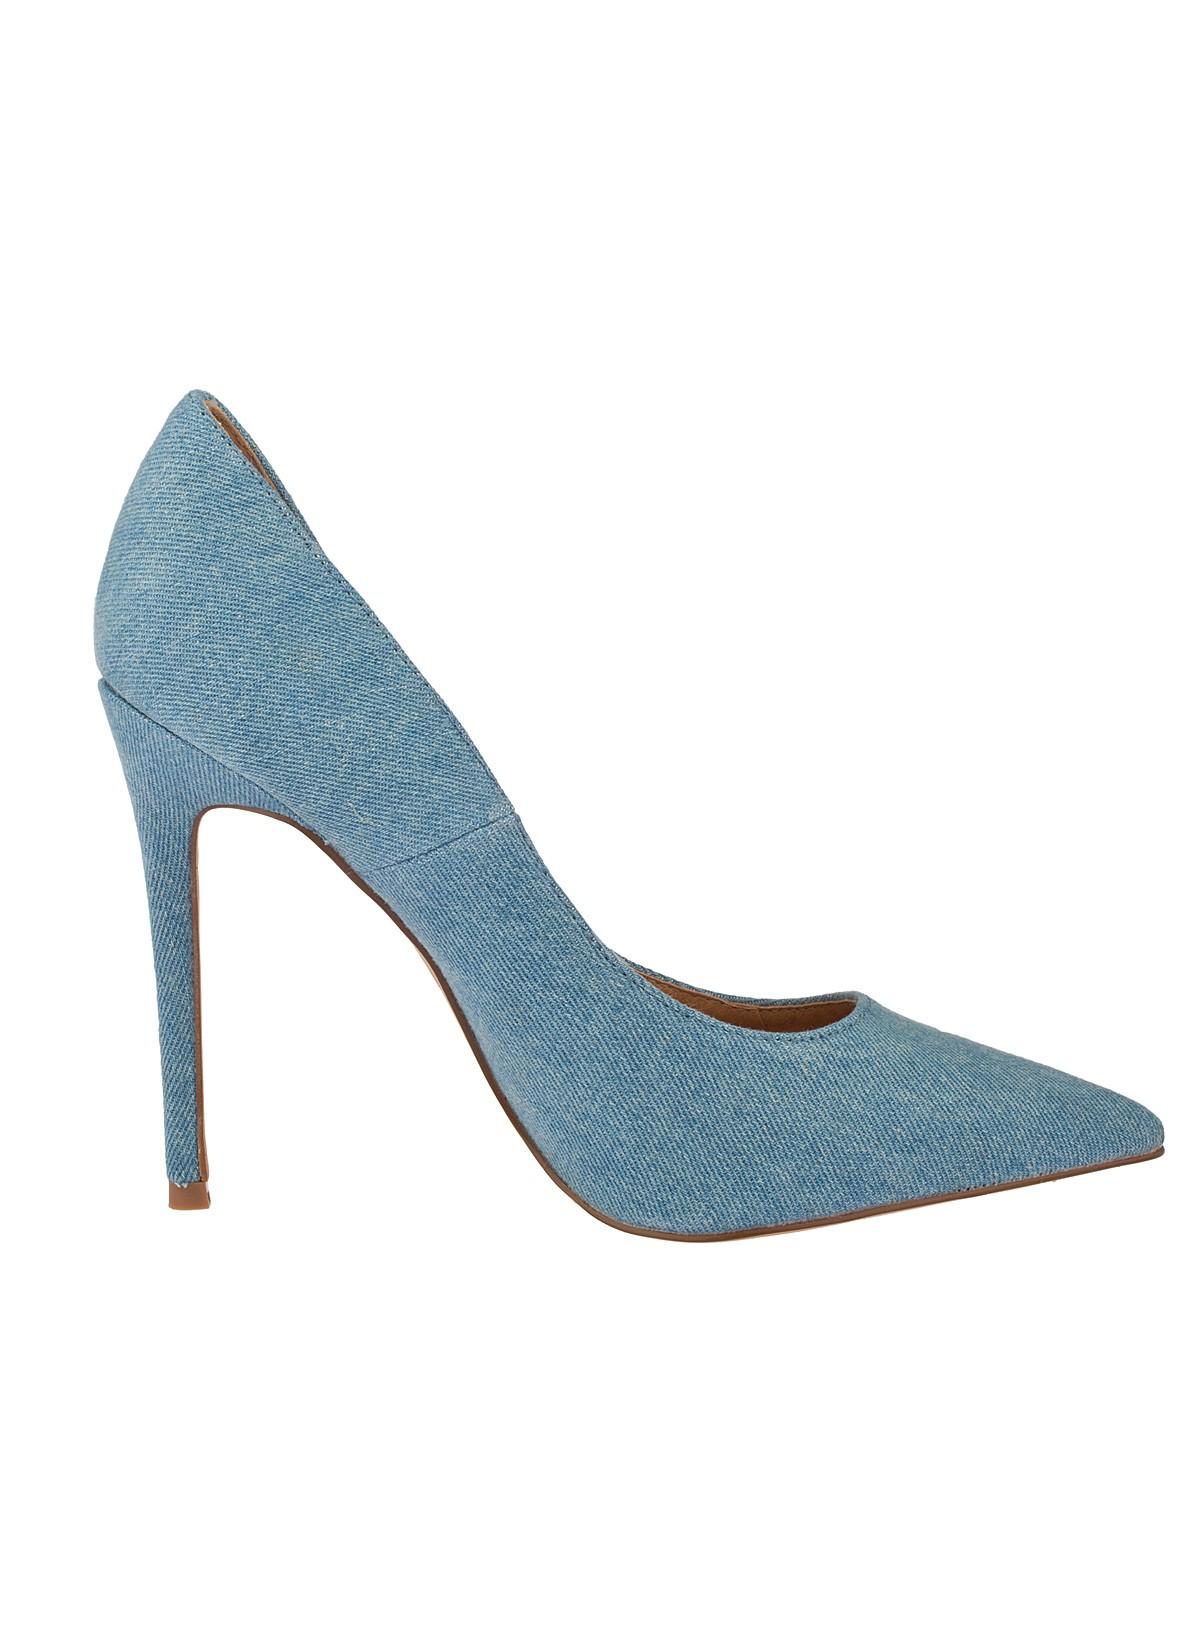 Serum pointed pumps blue denim at prima donna